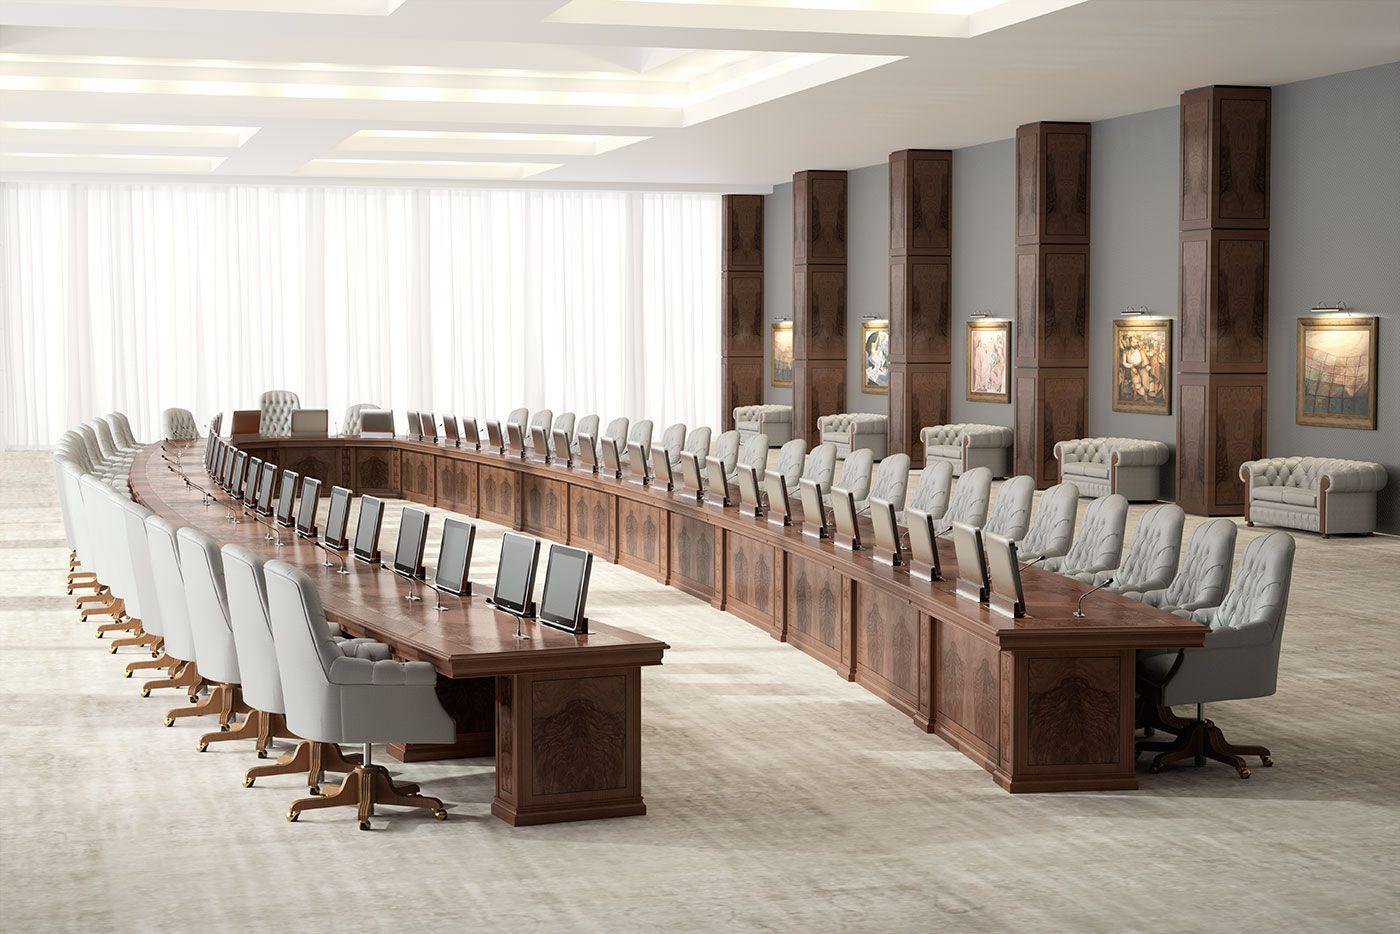 Proyectos A Medida De Muebles Cl Sicos Con Acabados En Madera  # Culiacan Muebles Oficina